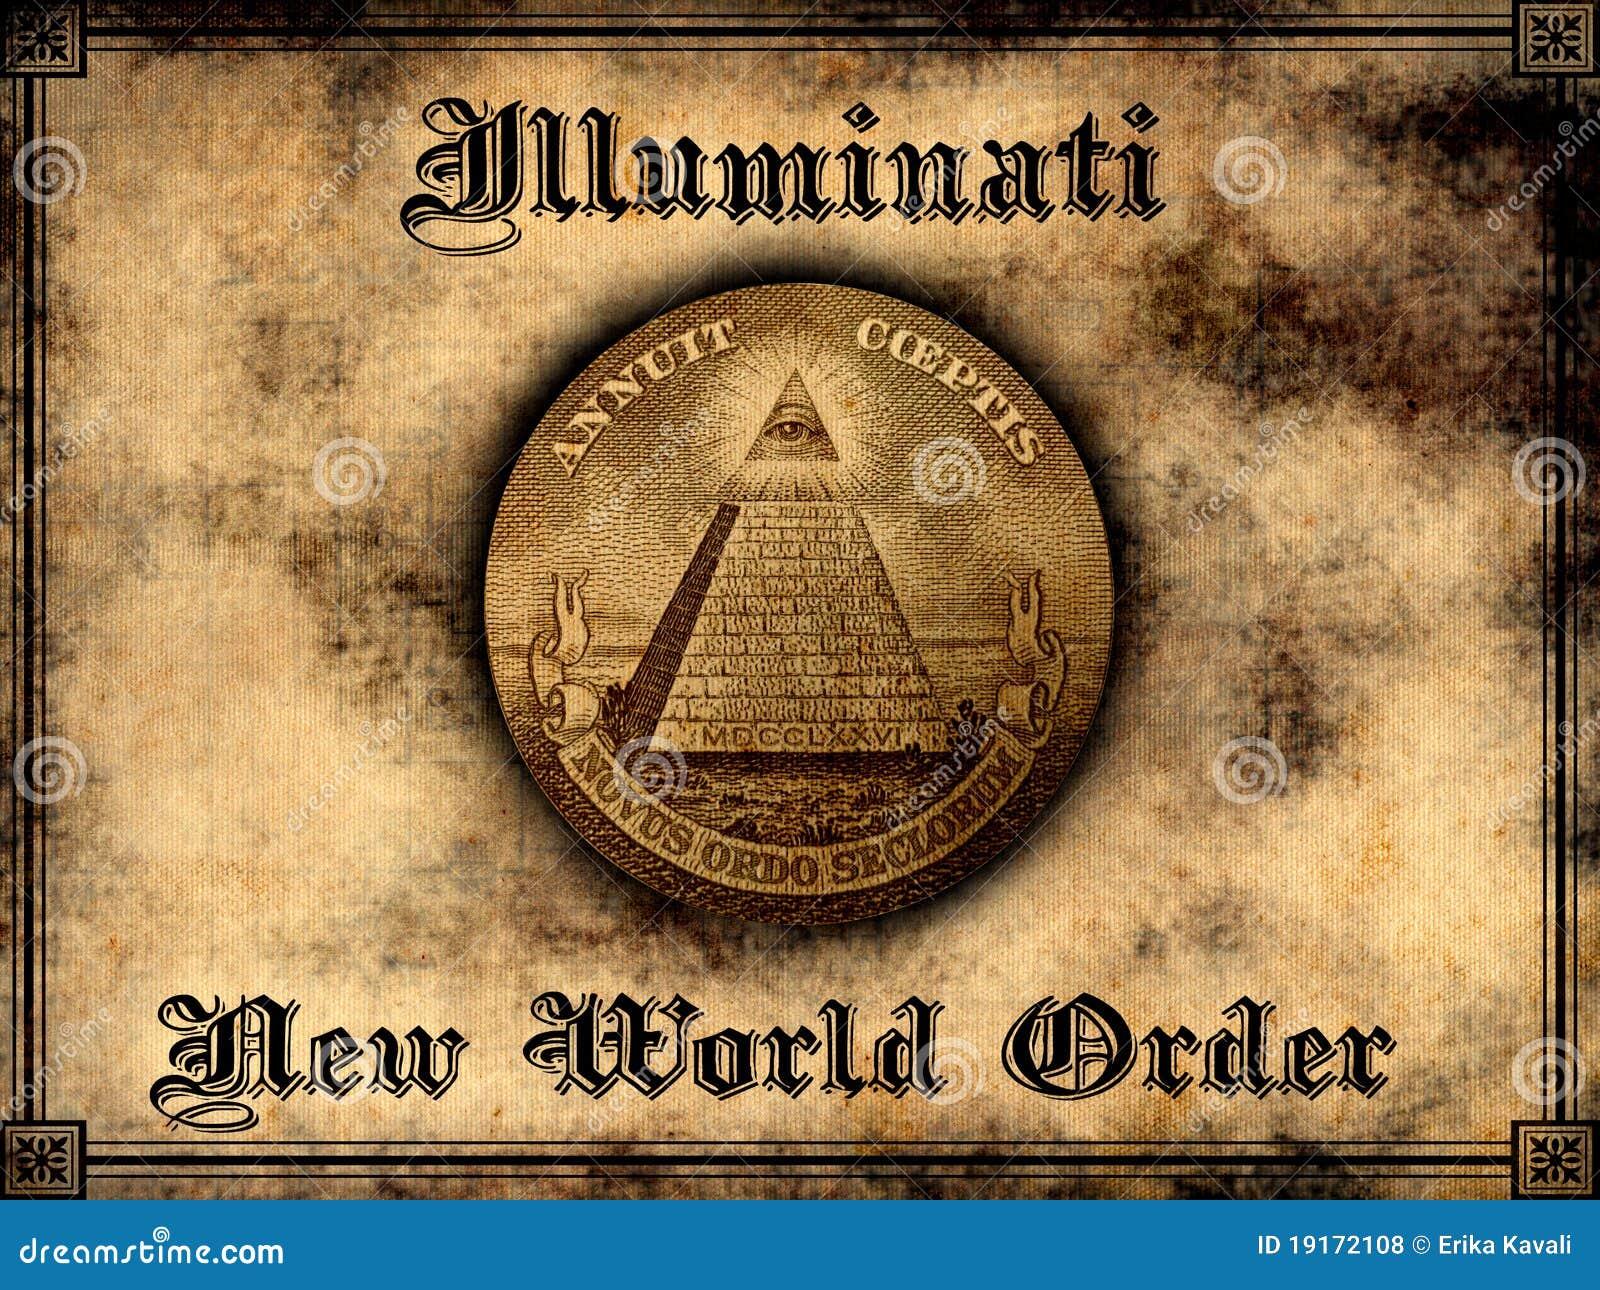 Nuevo orden mundial de Illuminati